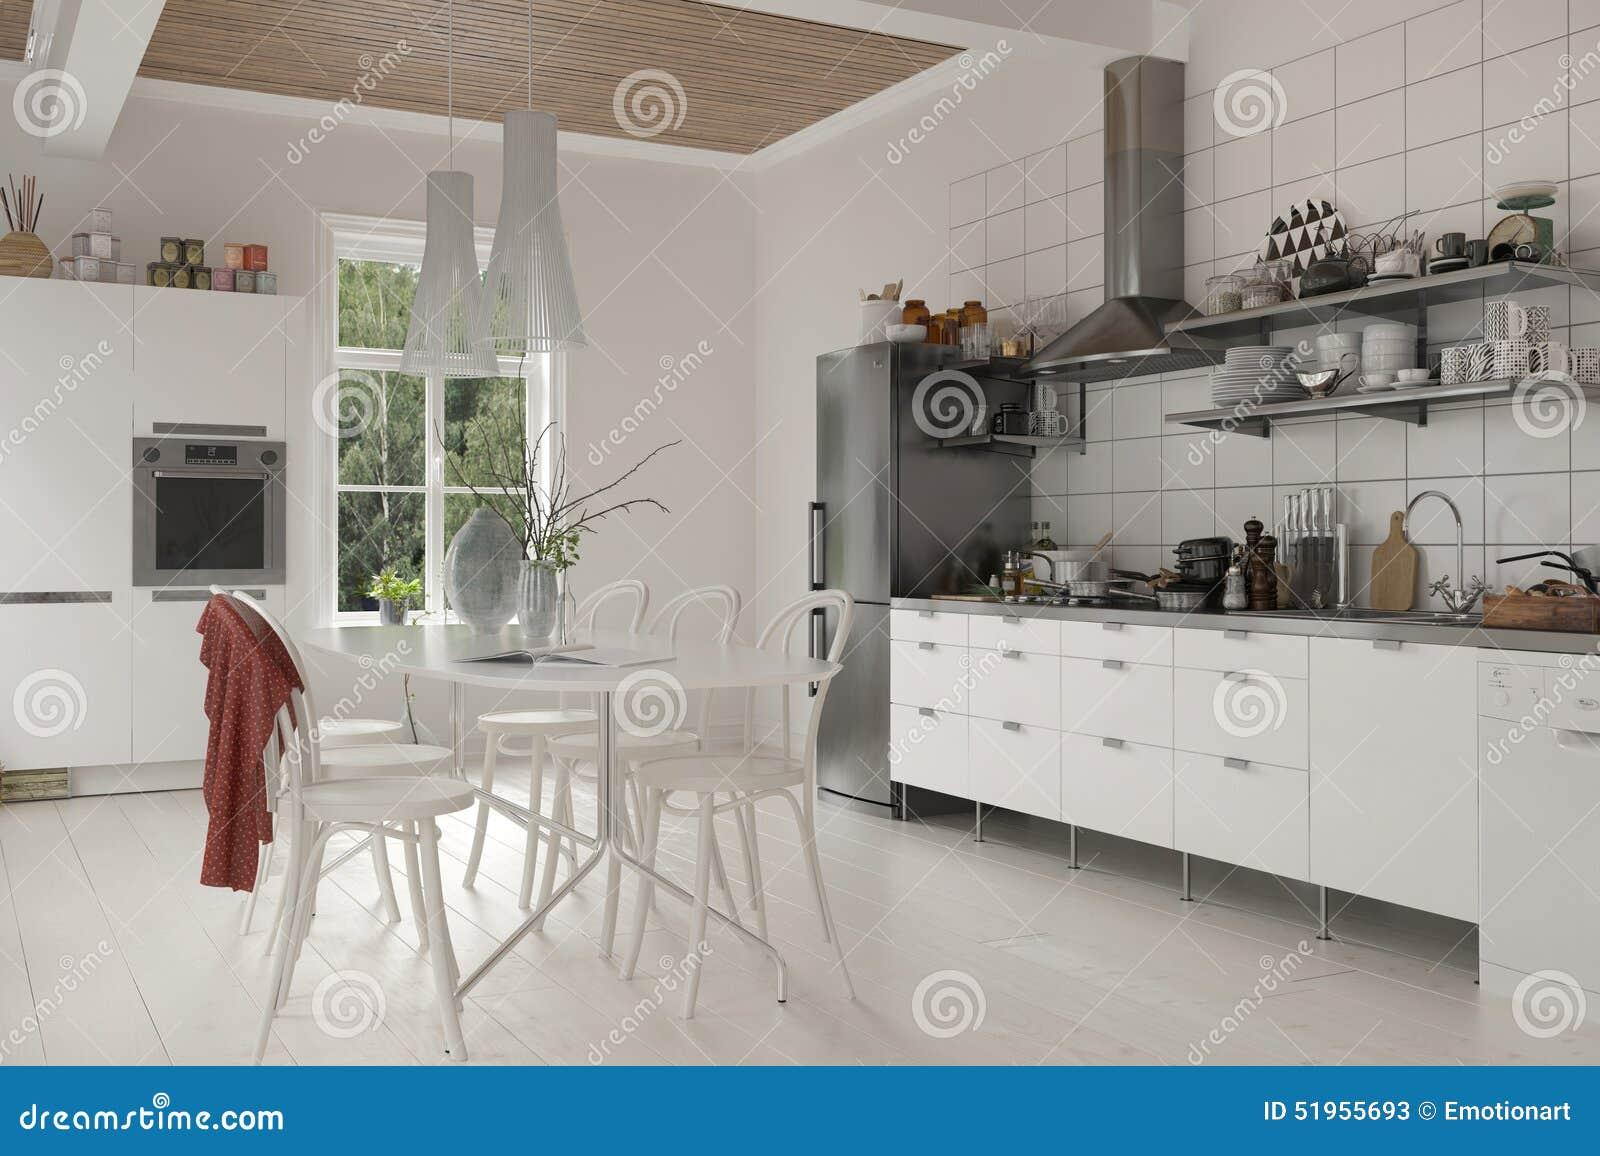 Nett Küchenschrank Tabelle Fotos - Ideen Für Die Küche Dekoration ...